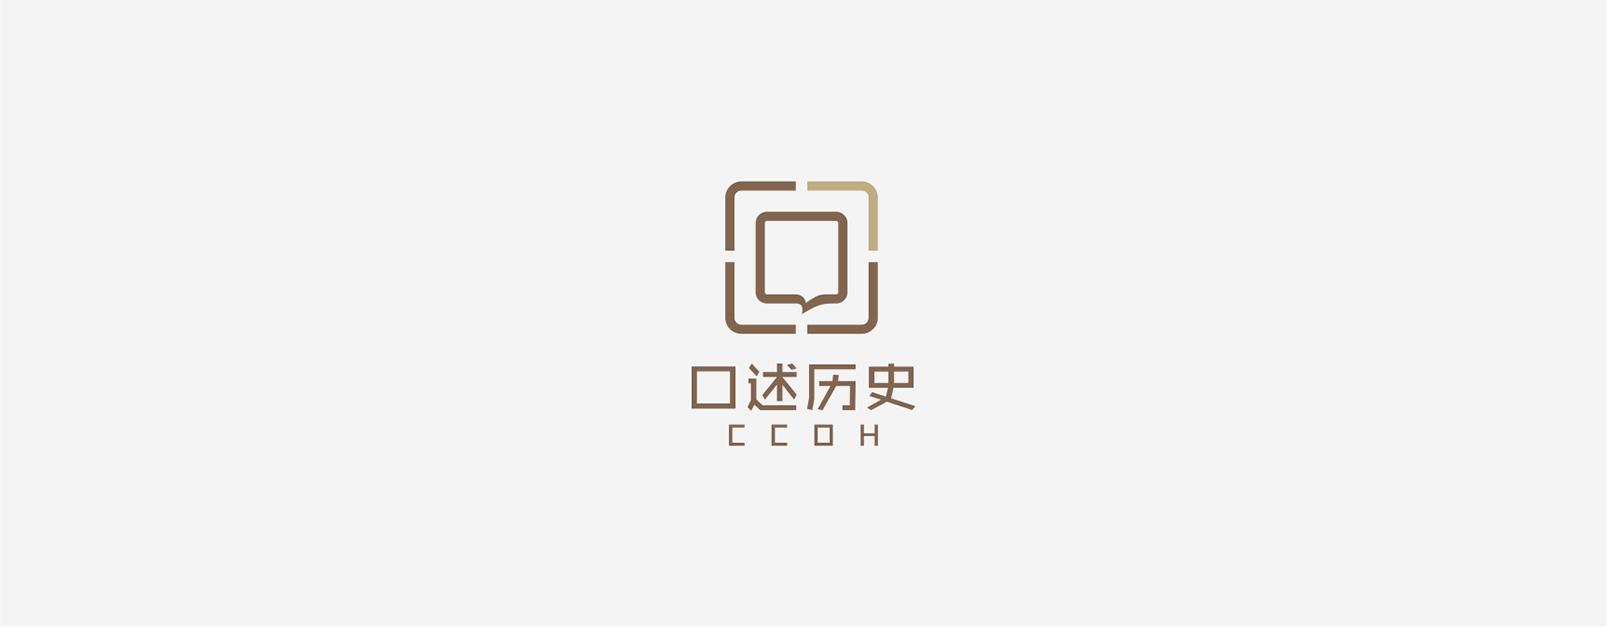 武汉标志设计公司,律师所LOGO设计